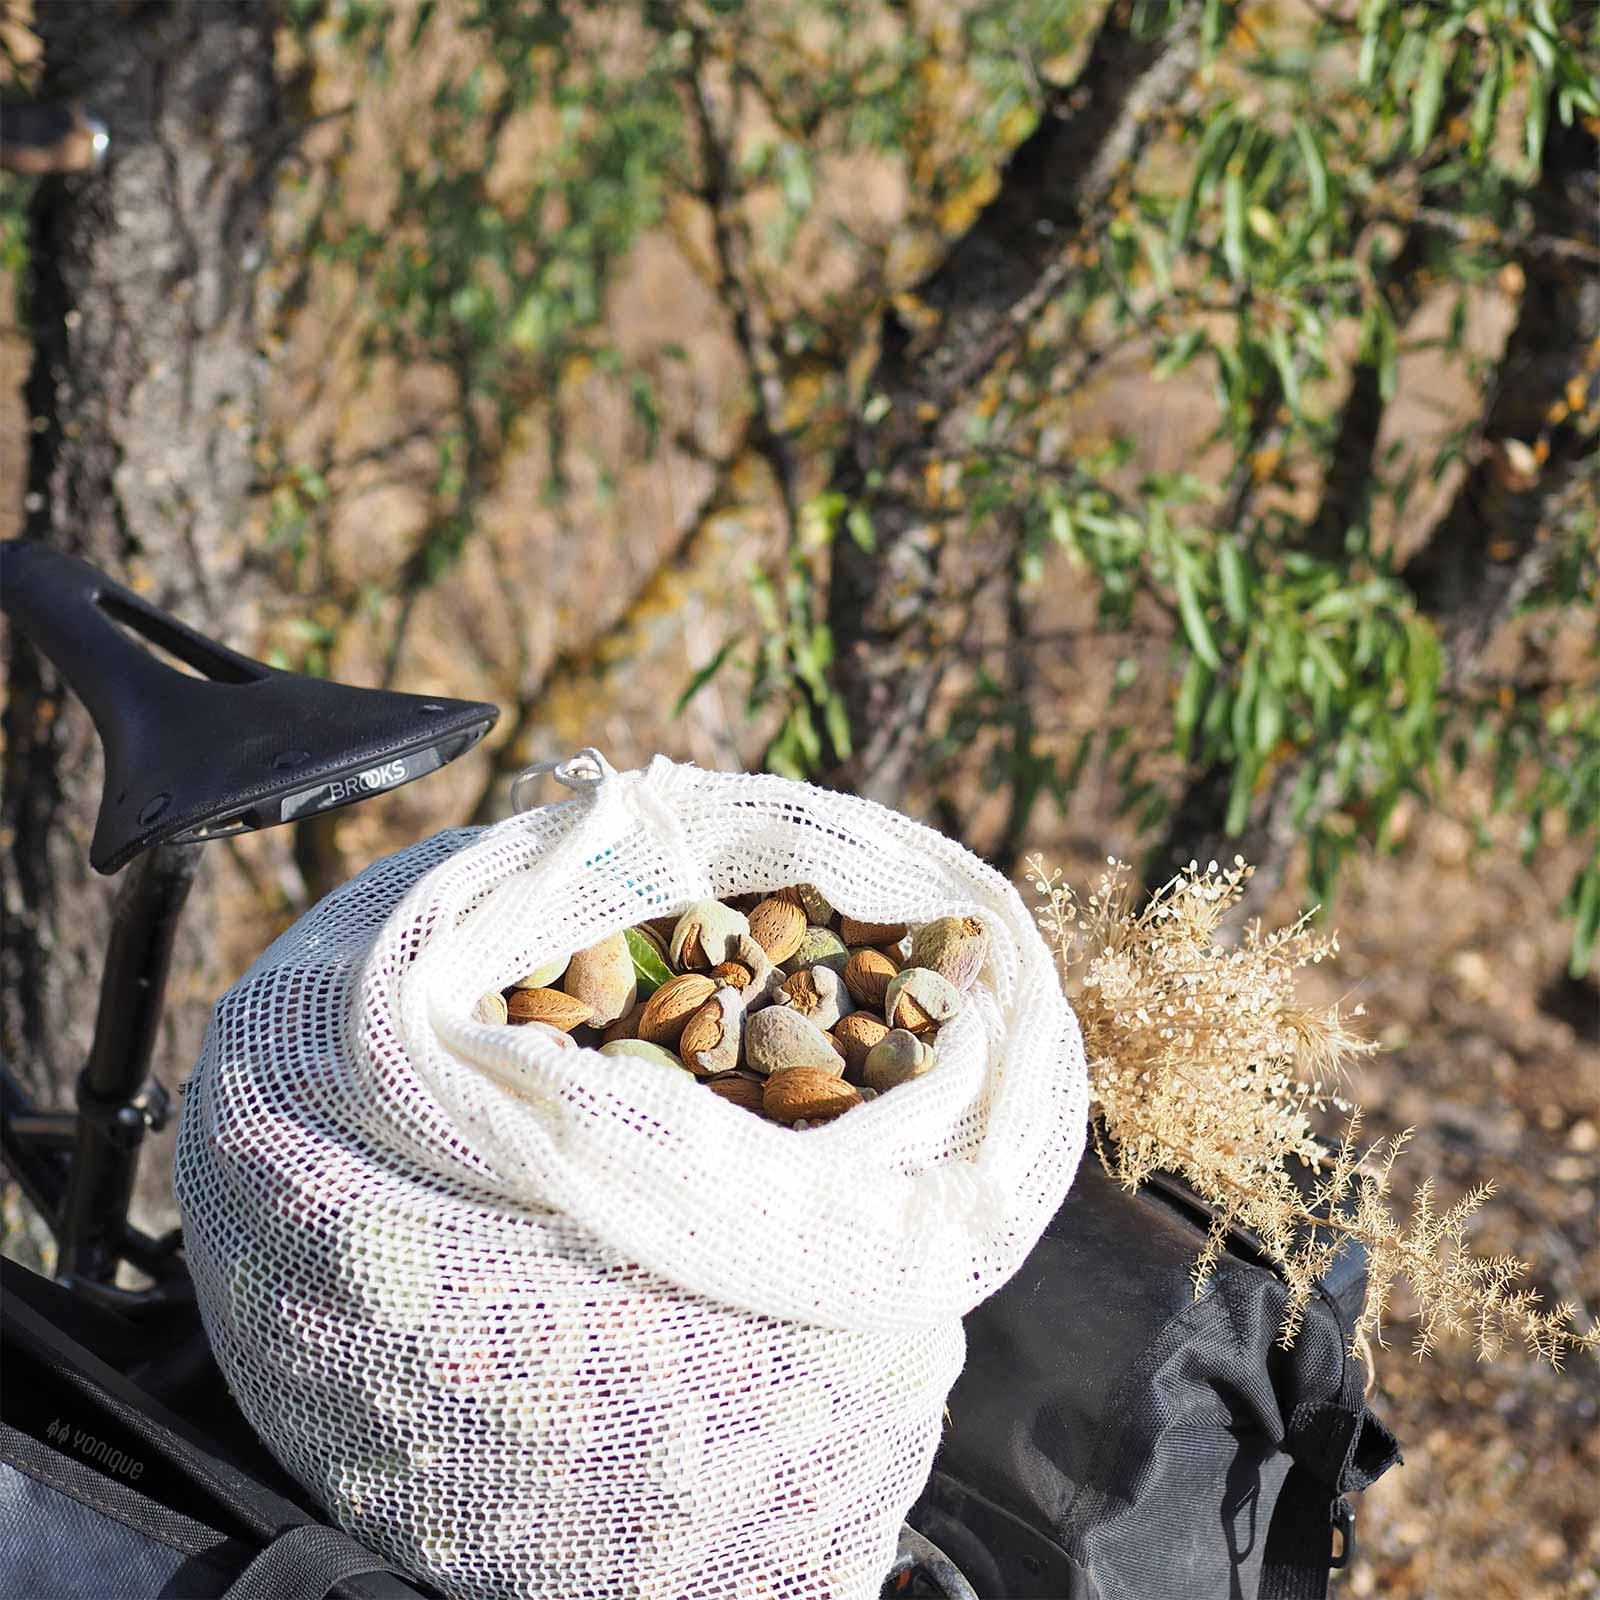 cosecha-almendras-septiembre-castilla-leon-escapada-bici-yoniquenews